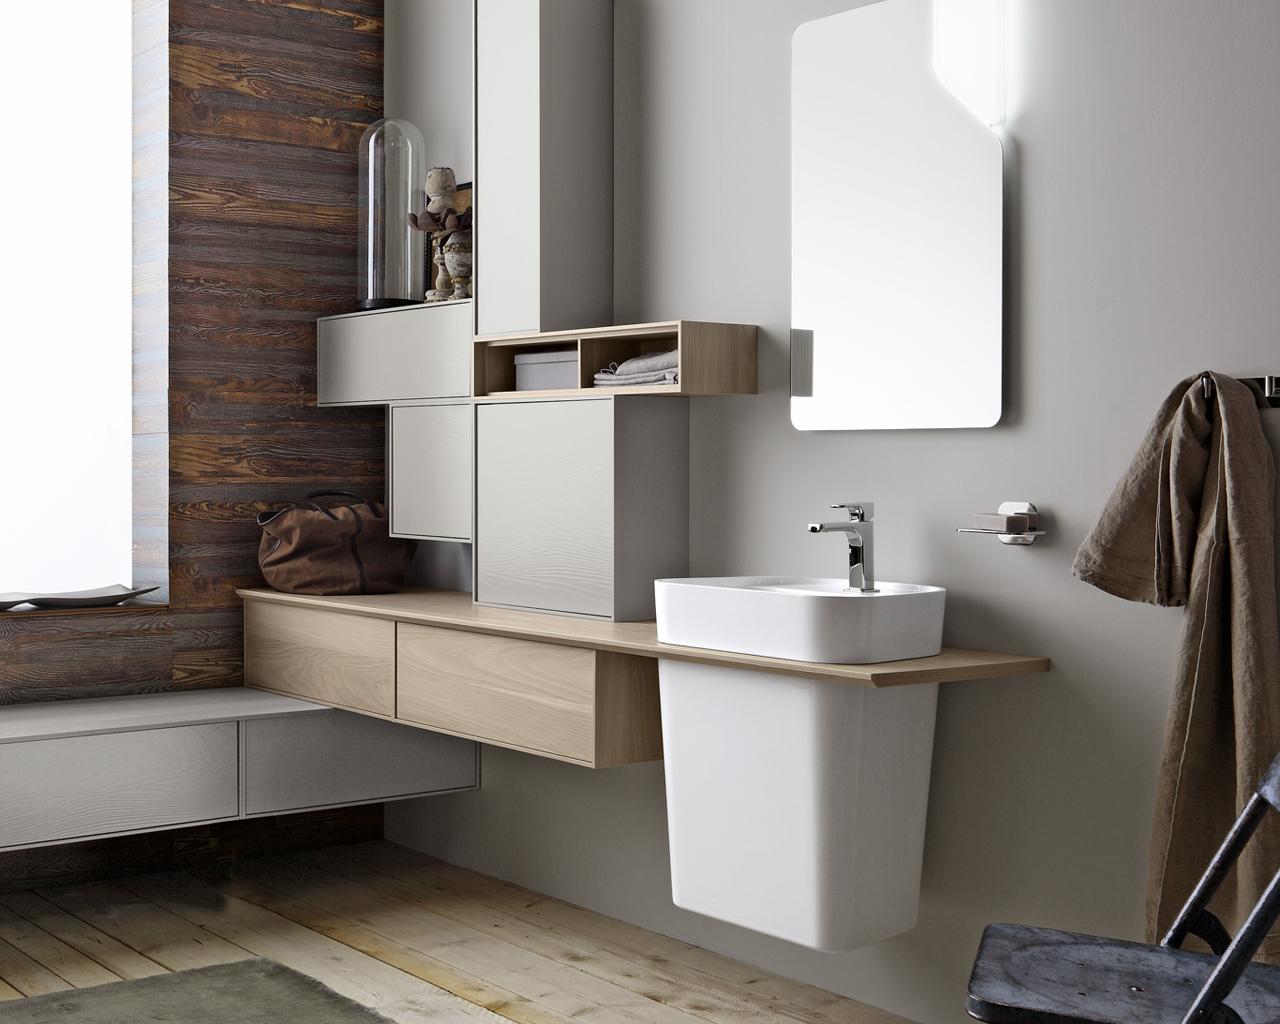 Atmosfere vintage e naturali per un bagno contemporaneo - Bagno contemporaneo ...